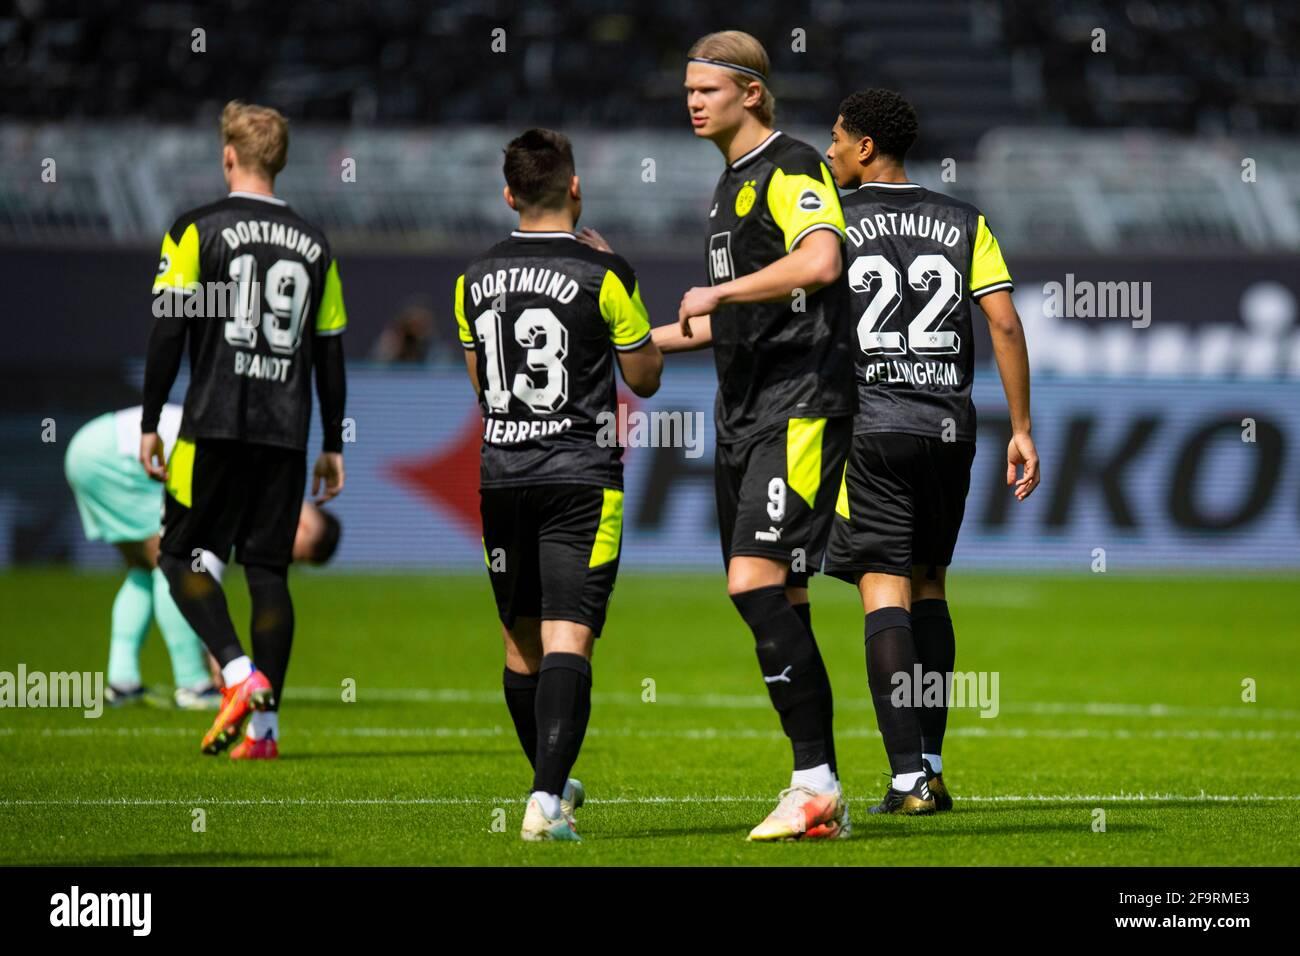 Clap prima del gioco, nuova maglia retrò, giallo neon, maglia ...